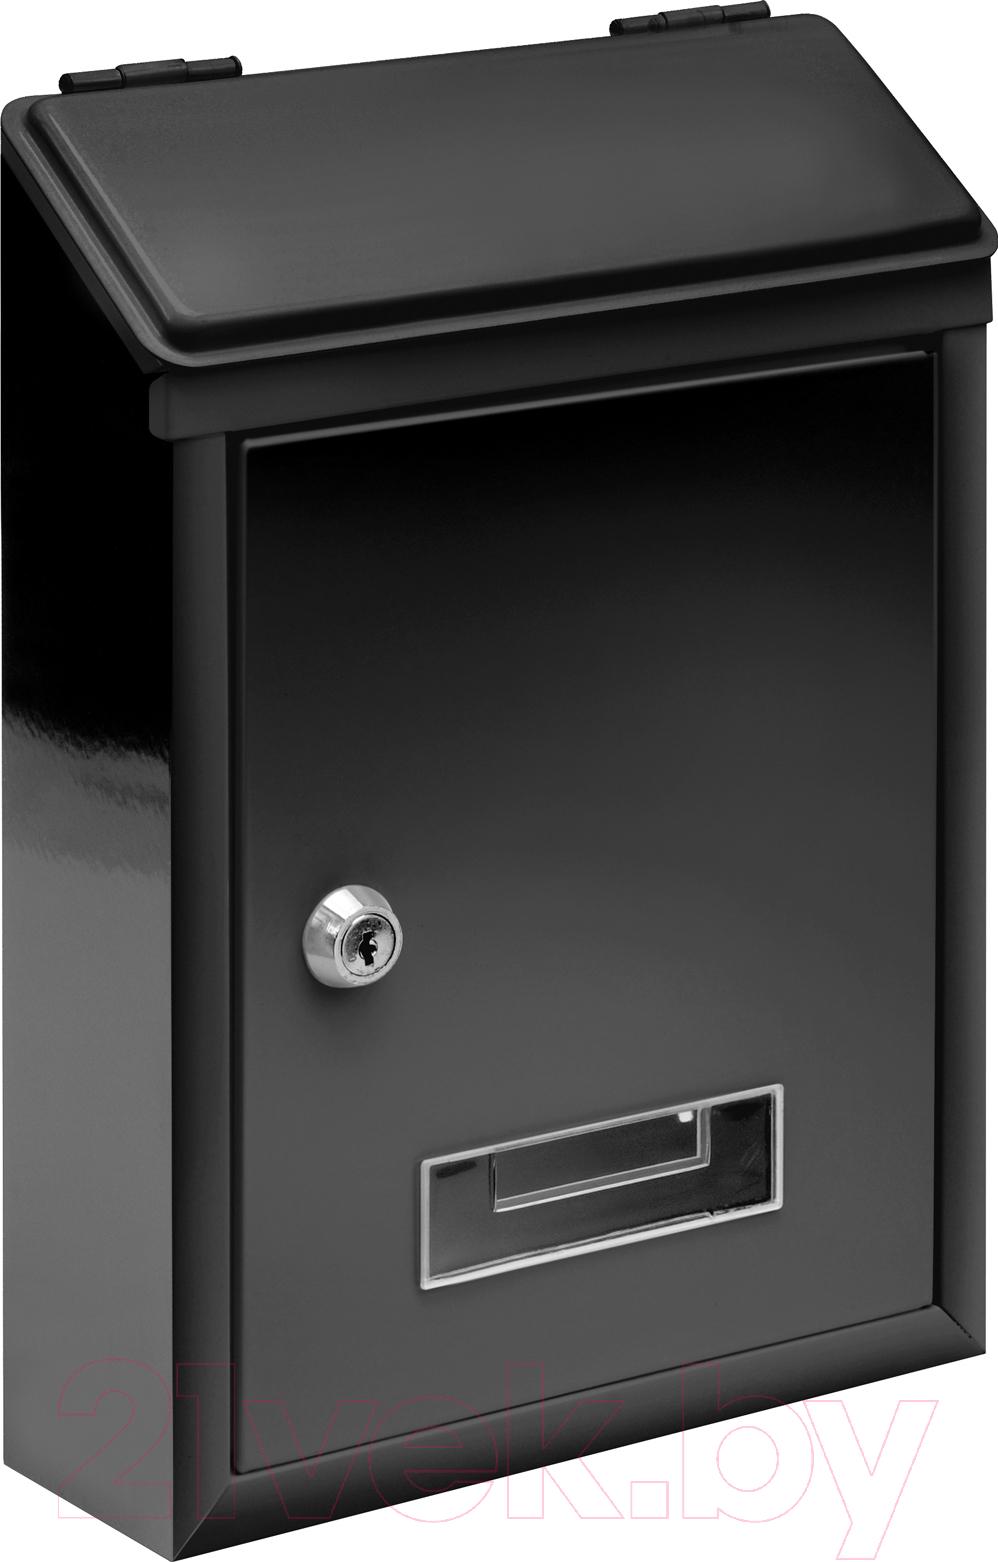 Купить Почтовый ящик Vorel, 78550, Польша, черный, сталь